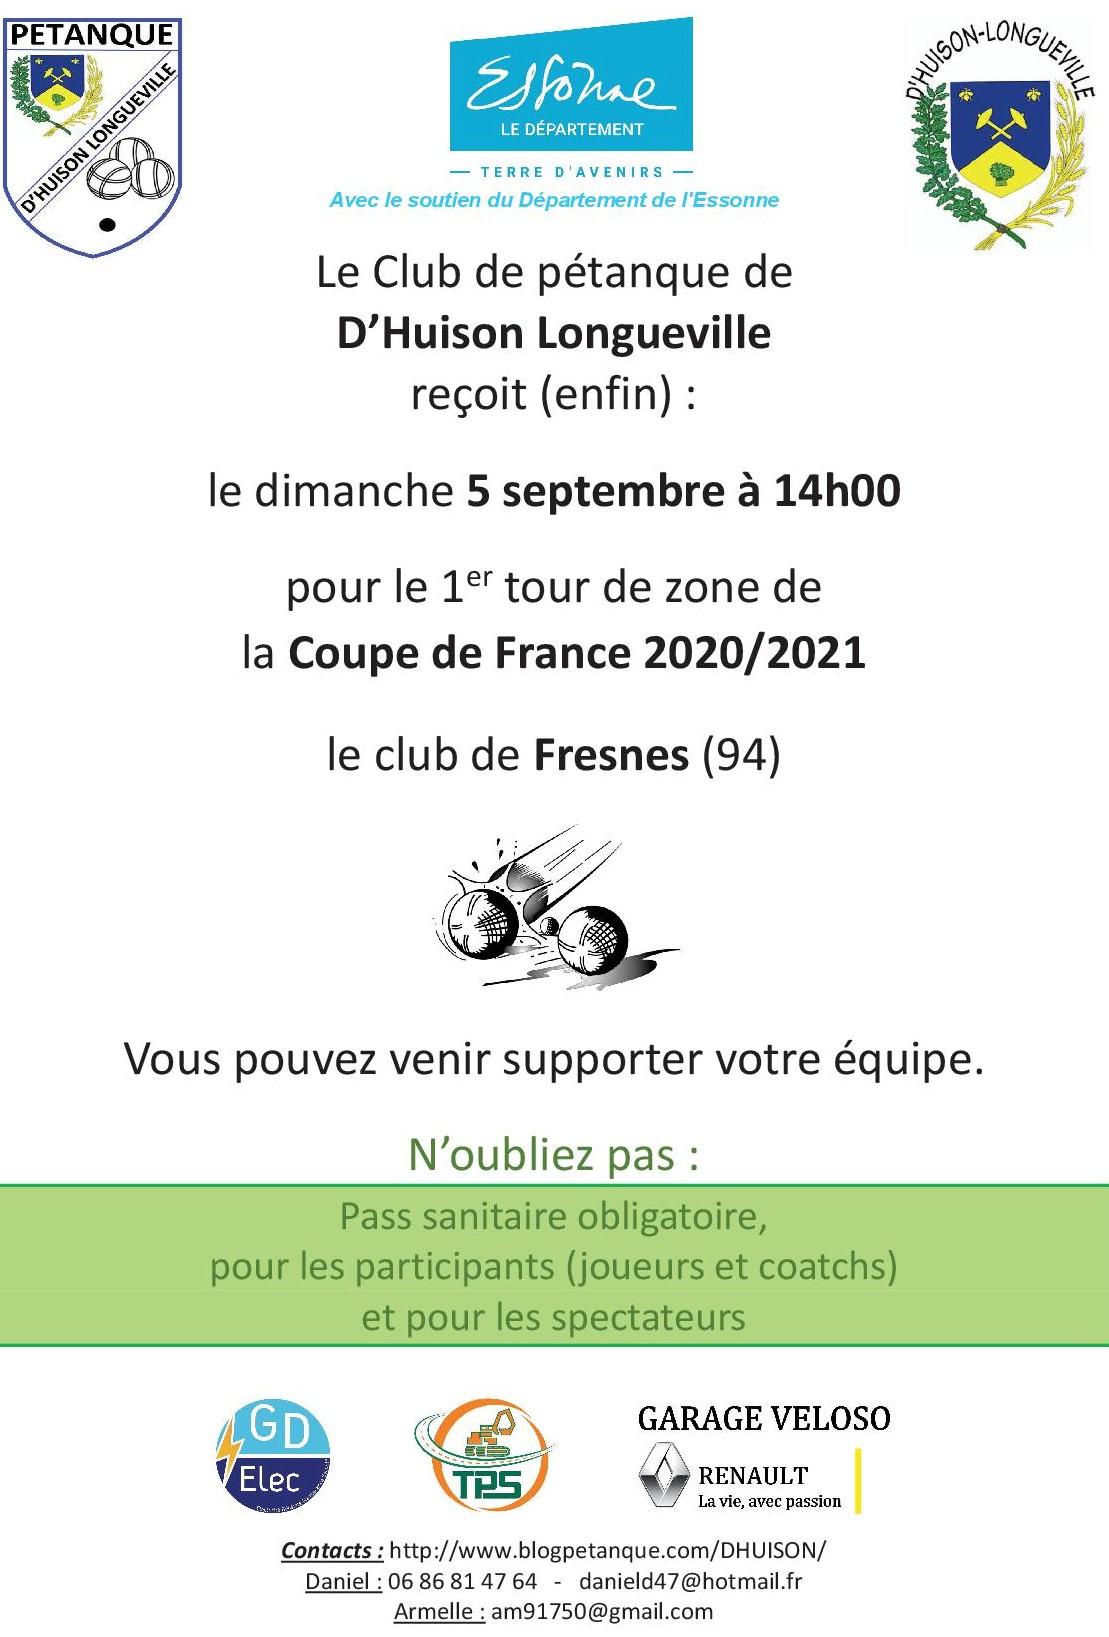 Dimanche 5 septembre : coupe de France